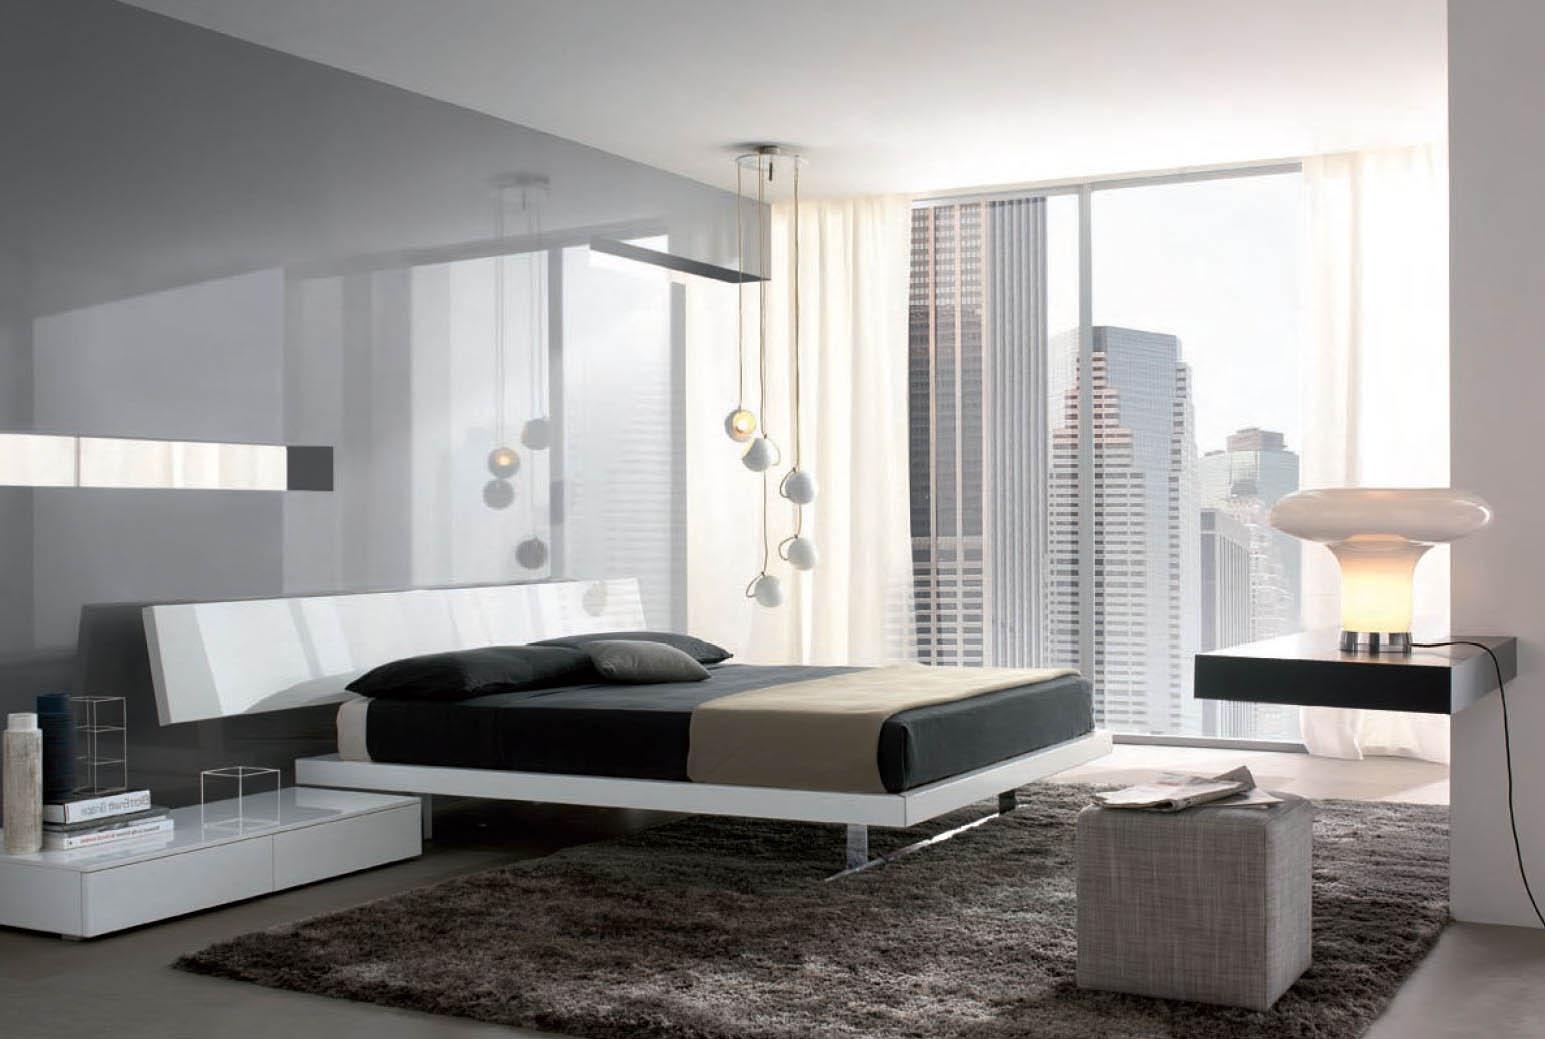 Потолочные и настольная лампы в стиле хай-тек в интерьере спальни